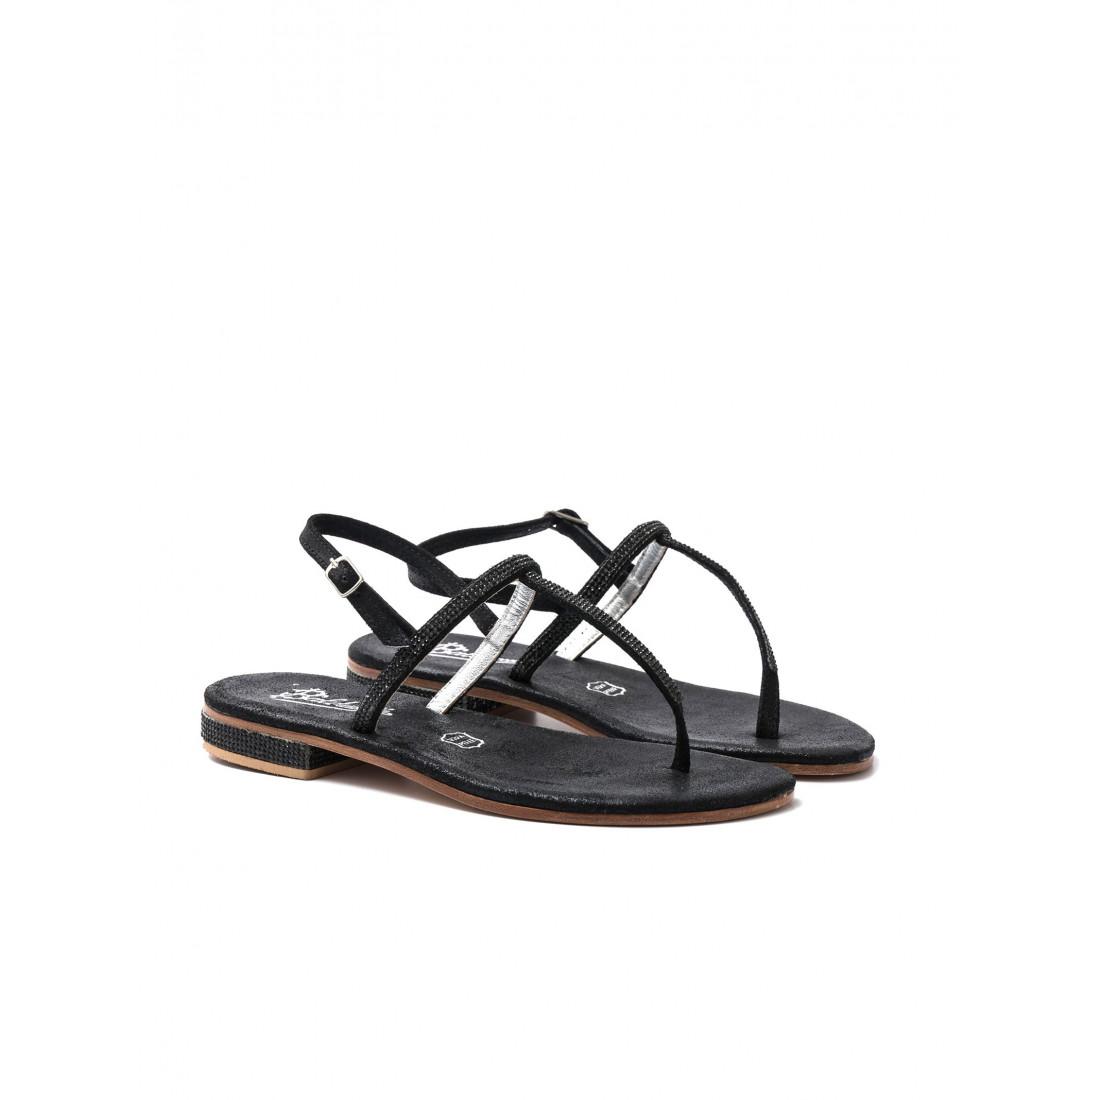 sandali donna balduccelli a45burma nero